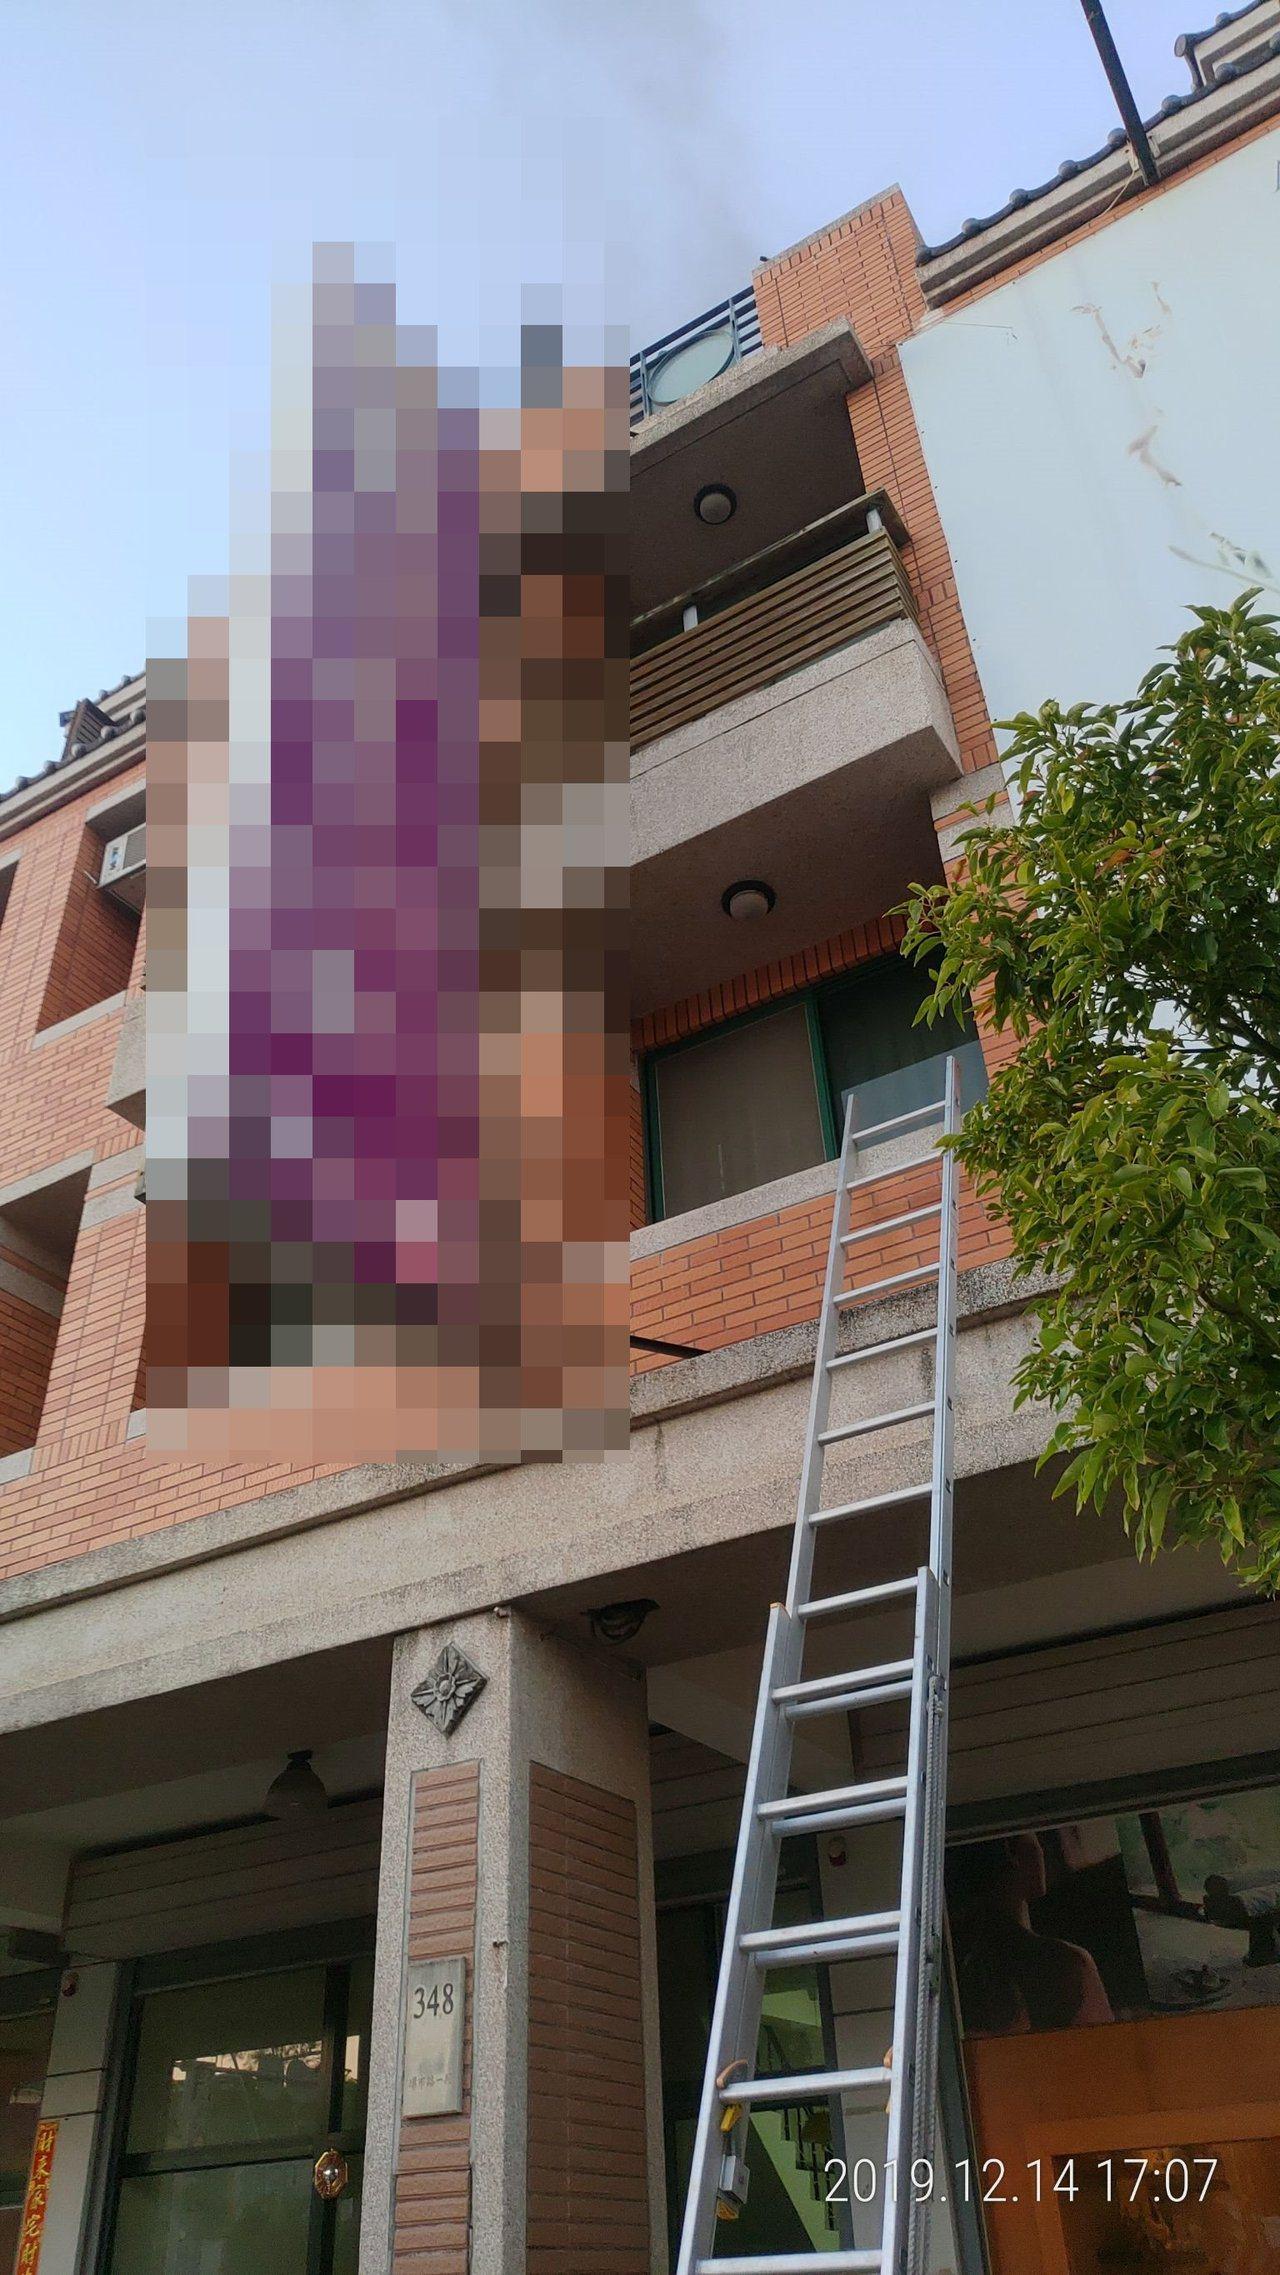 苗栗縣竹南鎮環市路一段1幢4樓住宅下午近5點時傳出火警,一對母子受困從頂樓被救出...